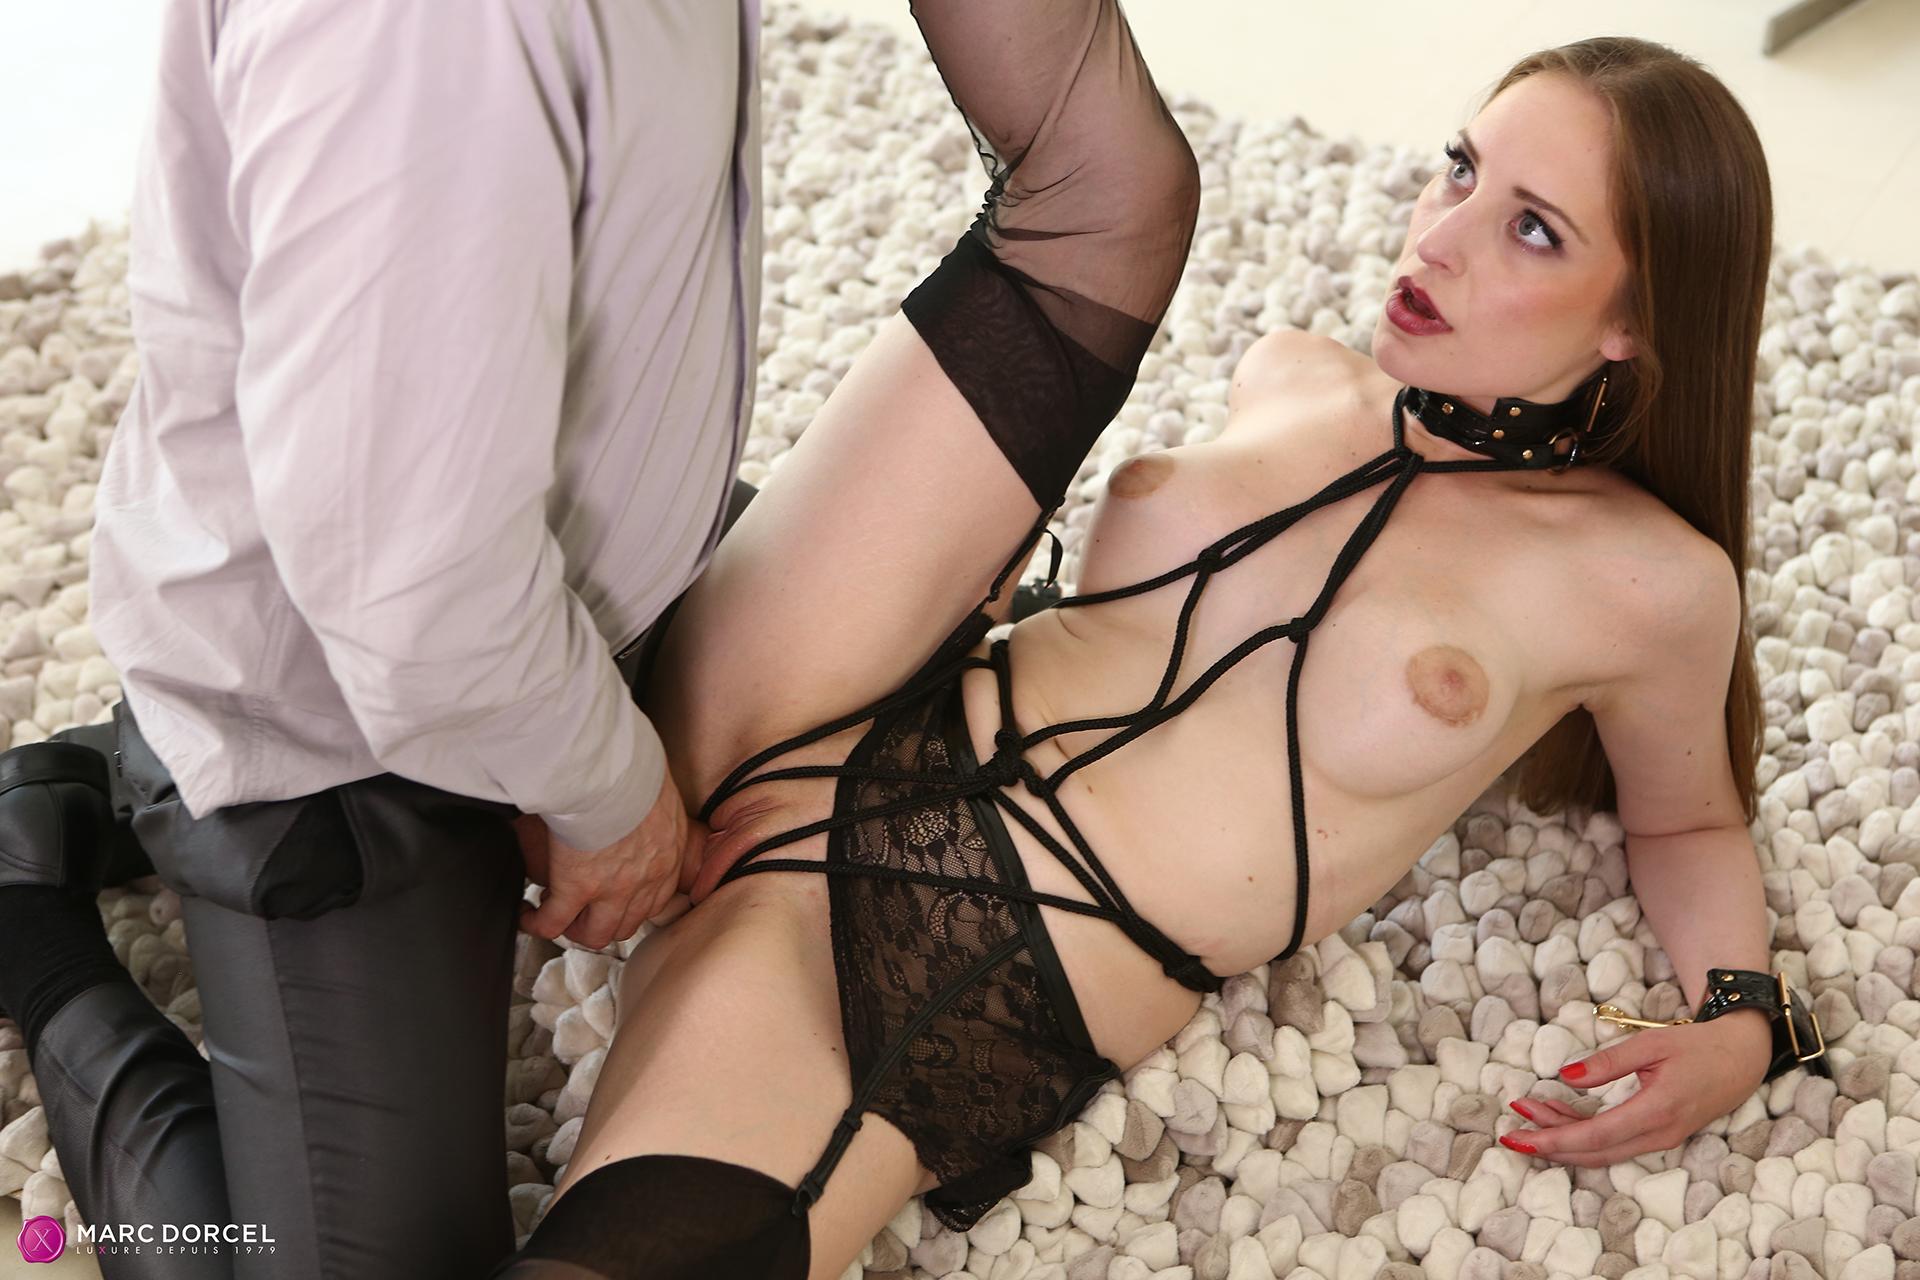 Alexandra Stein Sexy Porn alexandra stein is dominatedher lover's fetish fantasies